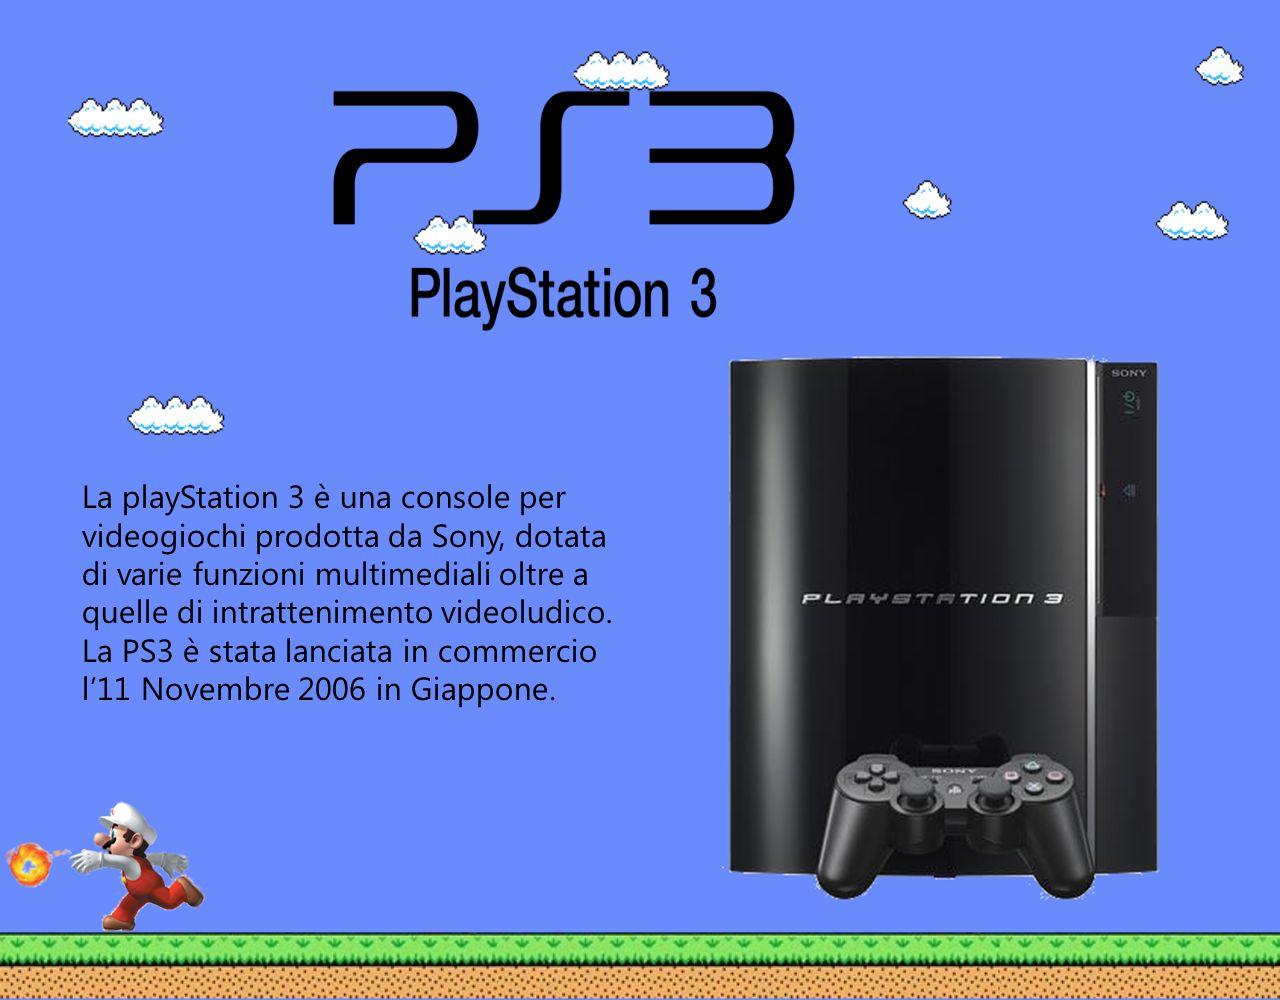 La playStation 3 è una console per videogiochi prodotta da Sony, dotata di varie funzioni multimediali oltre a quelle di intrattenimento videoludico.